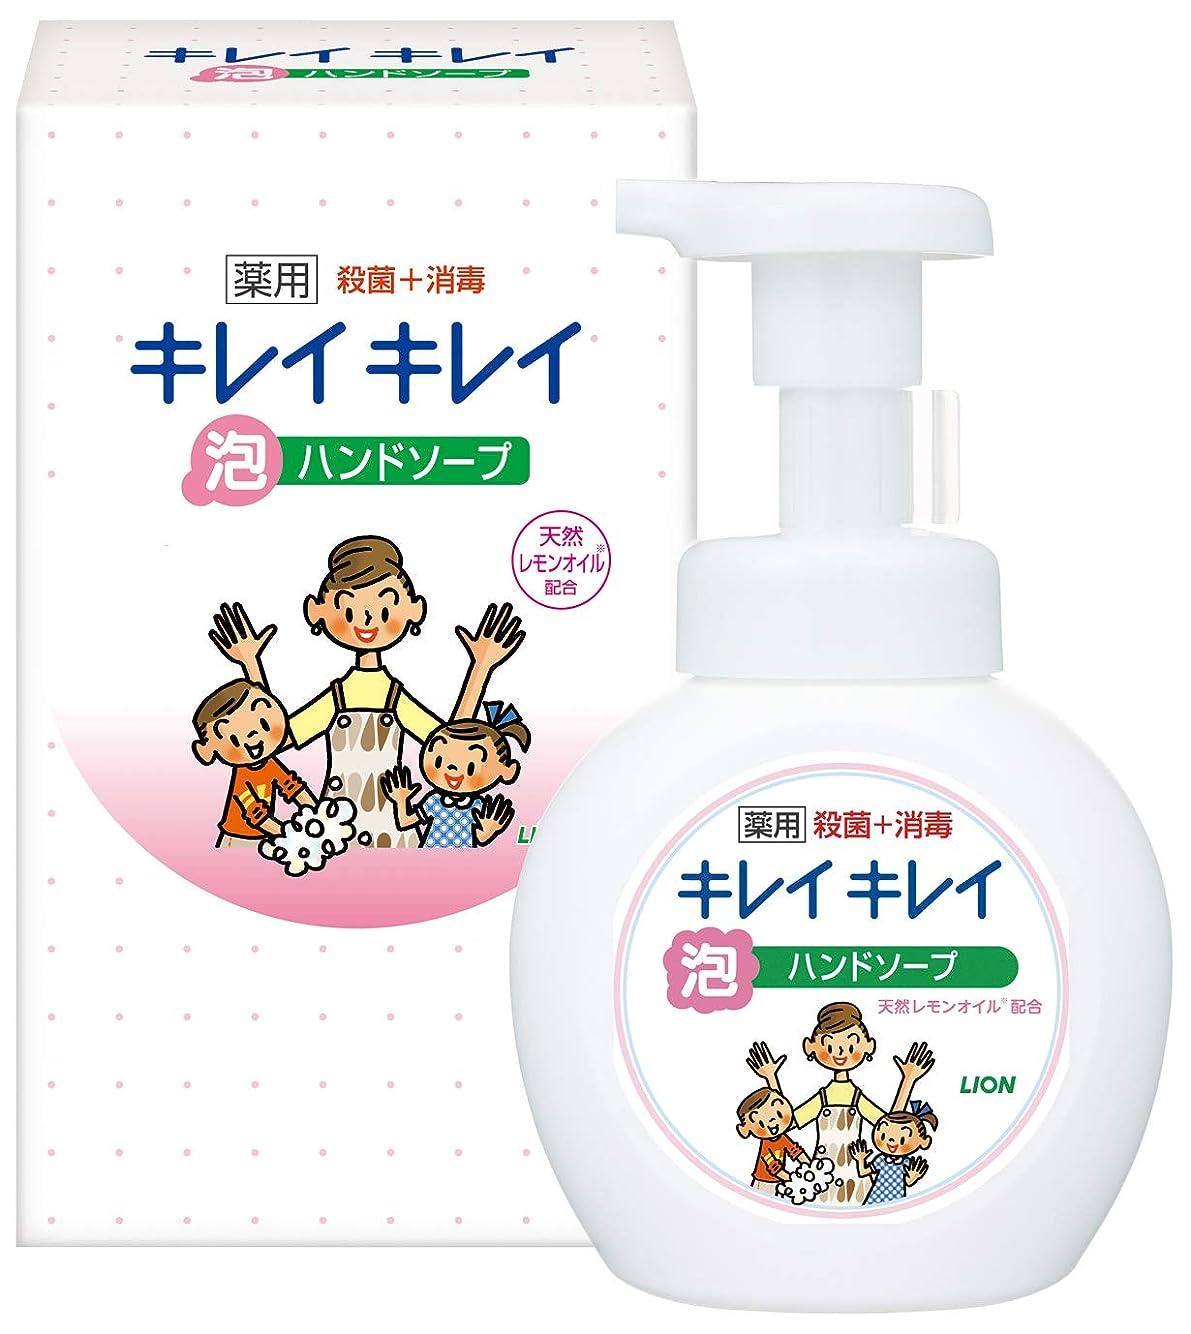 生産的豚肉ユーモアLION キレイキレイ薬用泡ハンドソープ250ml ノベルティギフト用化粧箱入